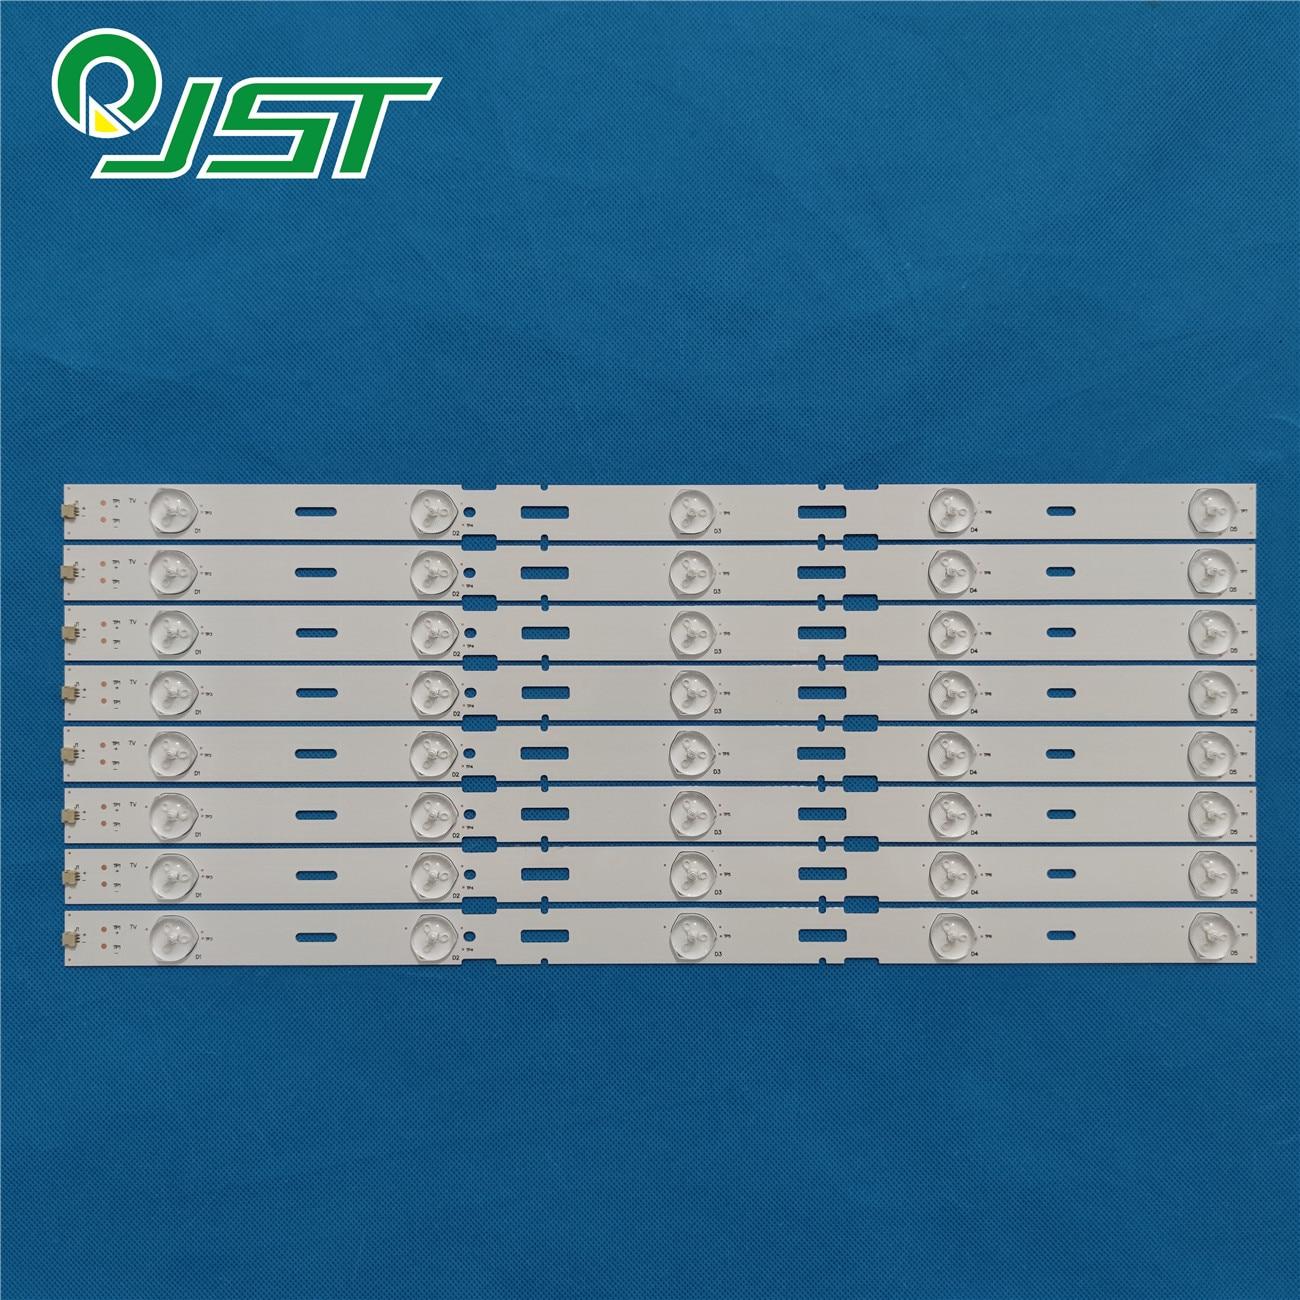 Новинка 100%, 8 шт./комплект светодиодный светодиодные ленты для грандинга телевизора, 40 в, 4421, BF 40В, 4421, BF 40В, 4520, BF 40V, 40V, 4520, BF 40VLE4520, BF